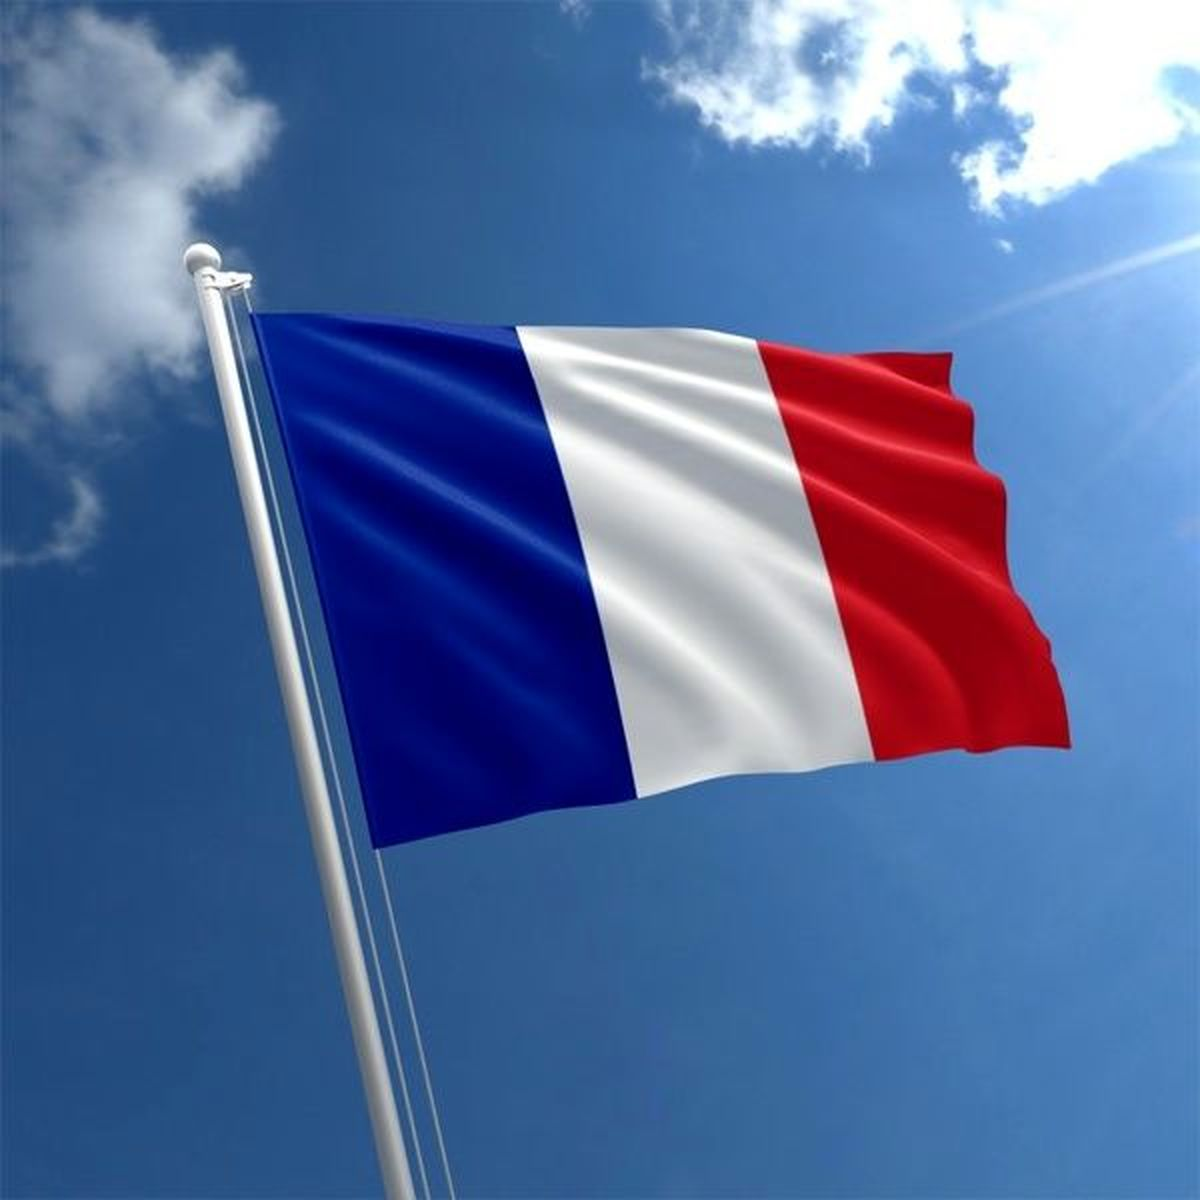 فرانسه: ایران فوراً همکاری با آژانس انرژی اتمی را از سر بگیرد